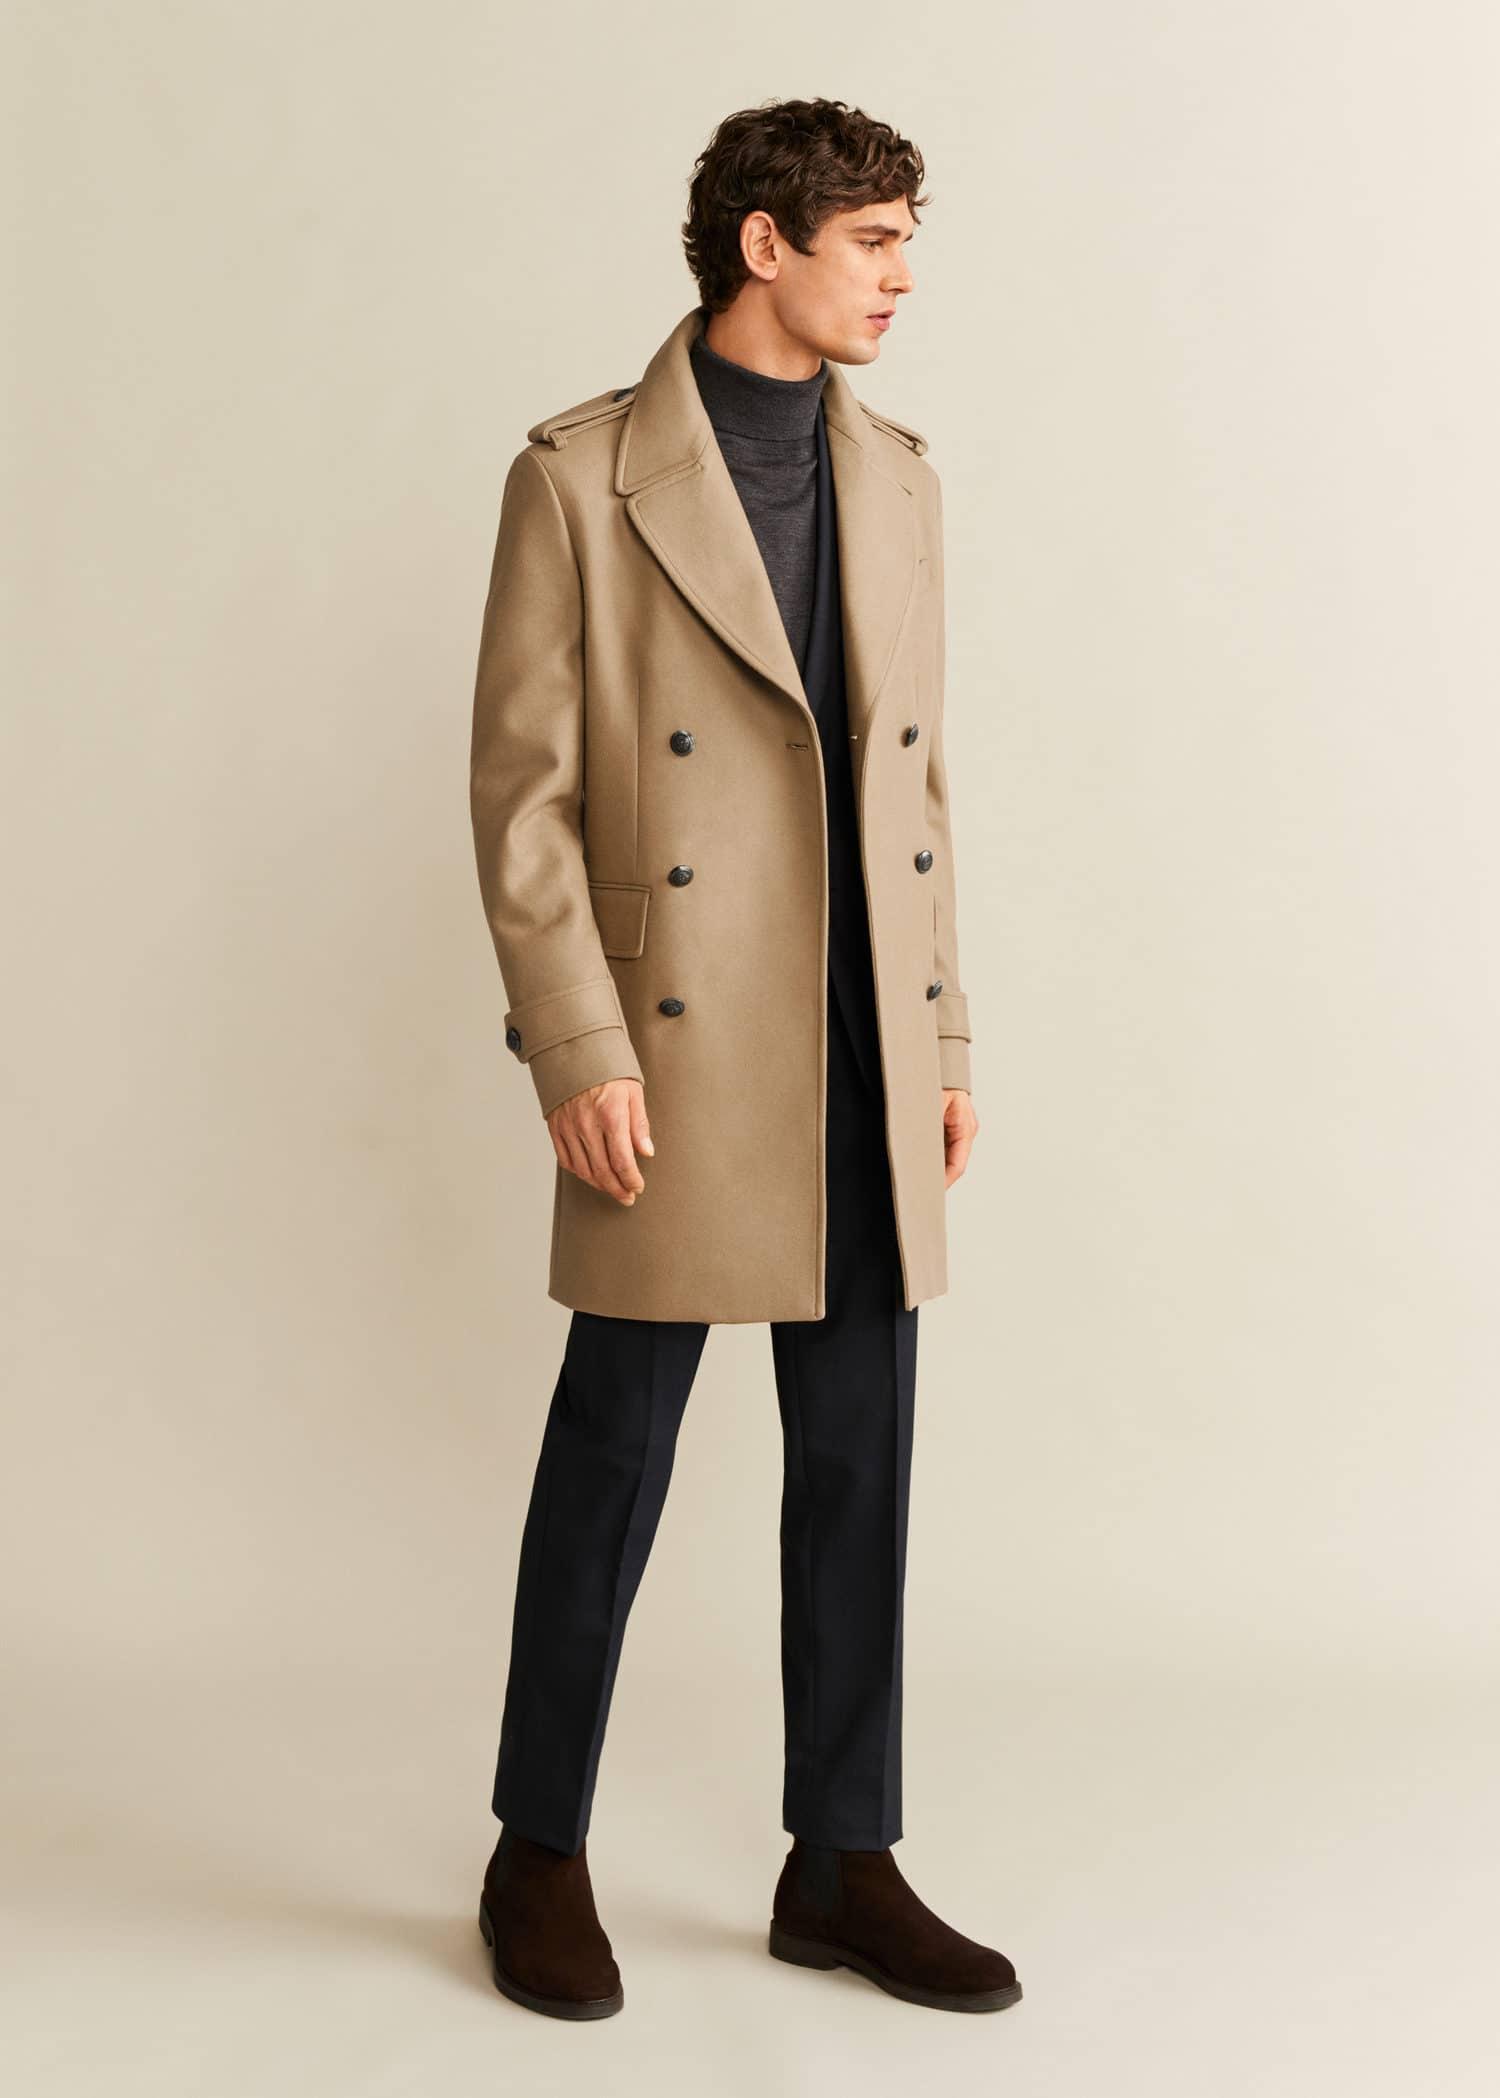 Cappotto tailored lana doppia abbottonatura Cappotti da